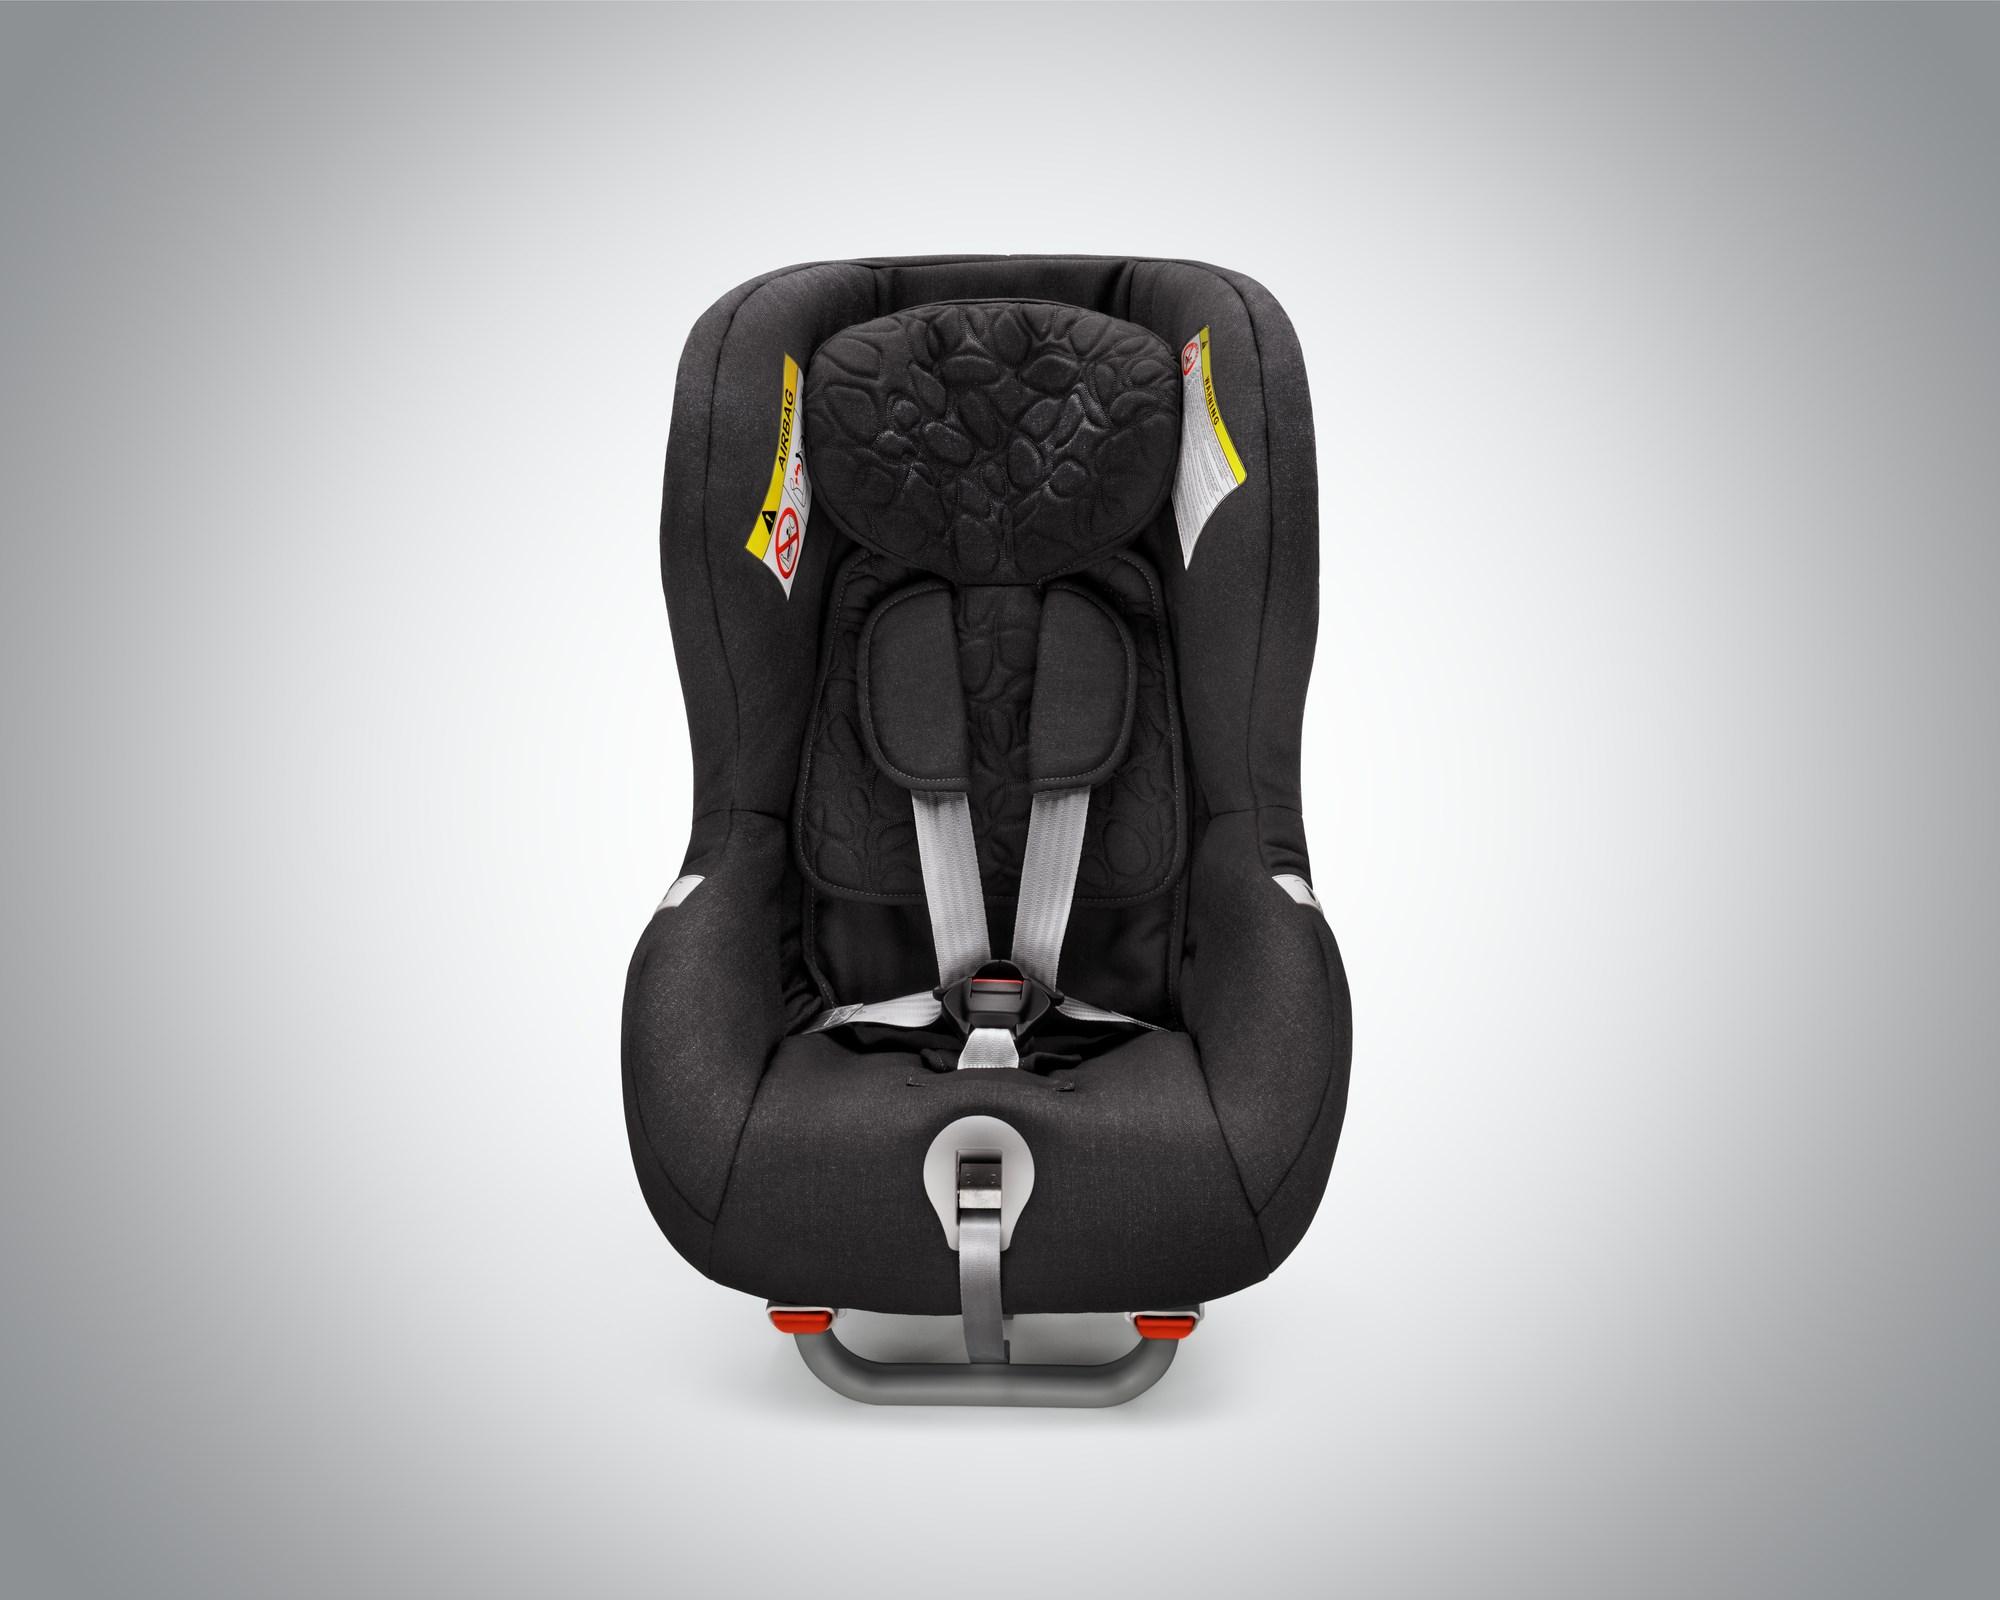 「3〜4歳までは「後ろ向き」に座らせる必要がある!? ボルボが新しいチャイルドシートを発売」の2枚目の画像